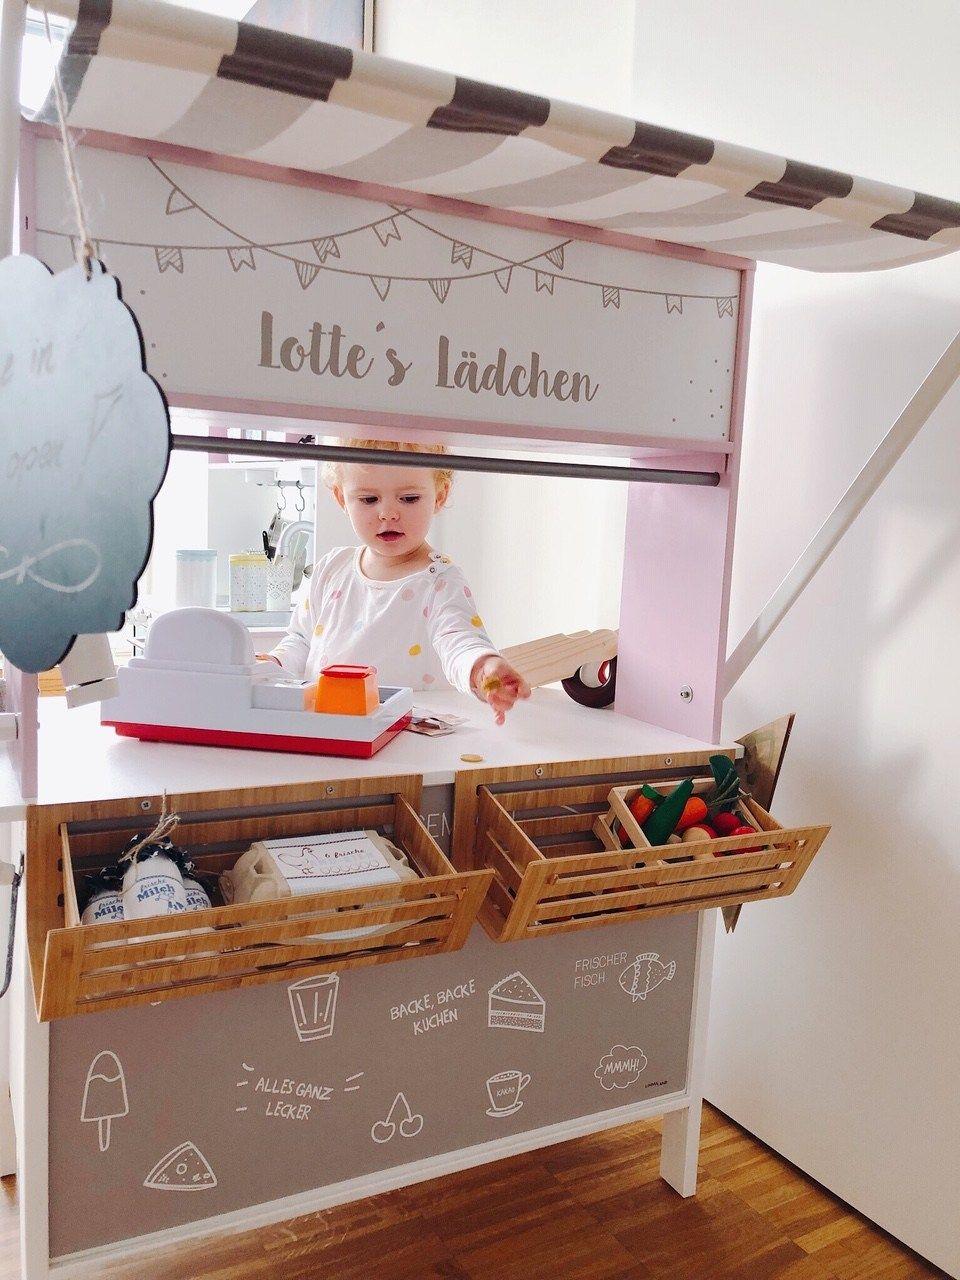 Kinderkaufladen, DIY, Ikea, selbermachen, aufpimpen, schön machen #selbstgemachtezimmerdeko